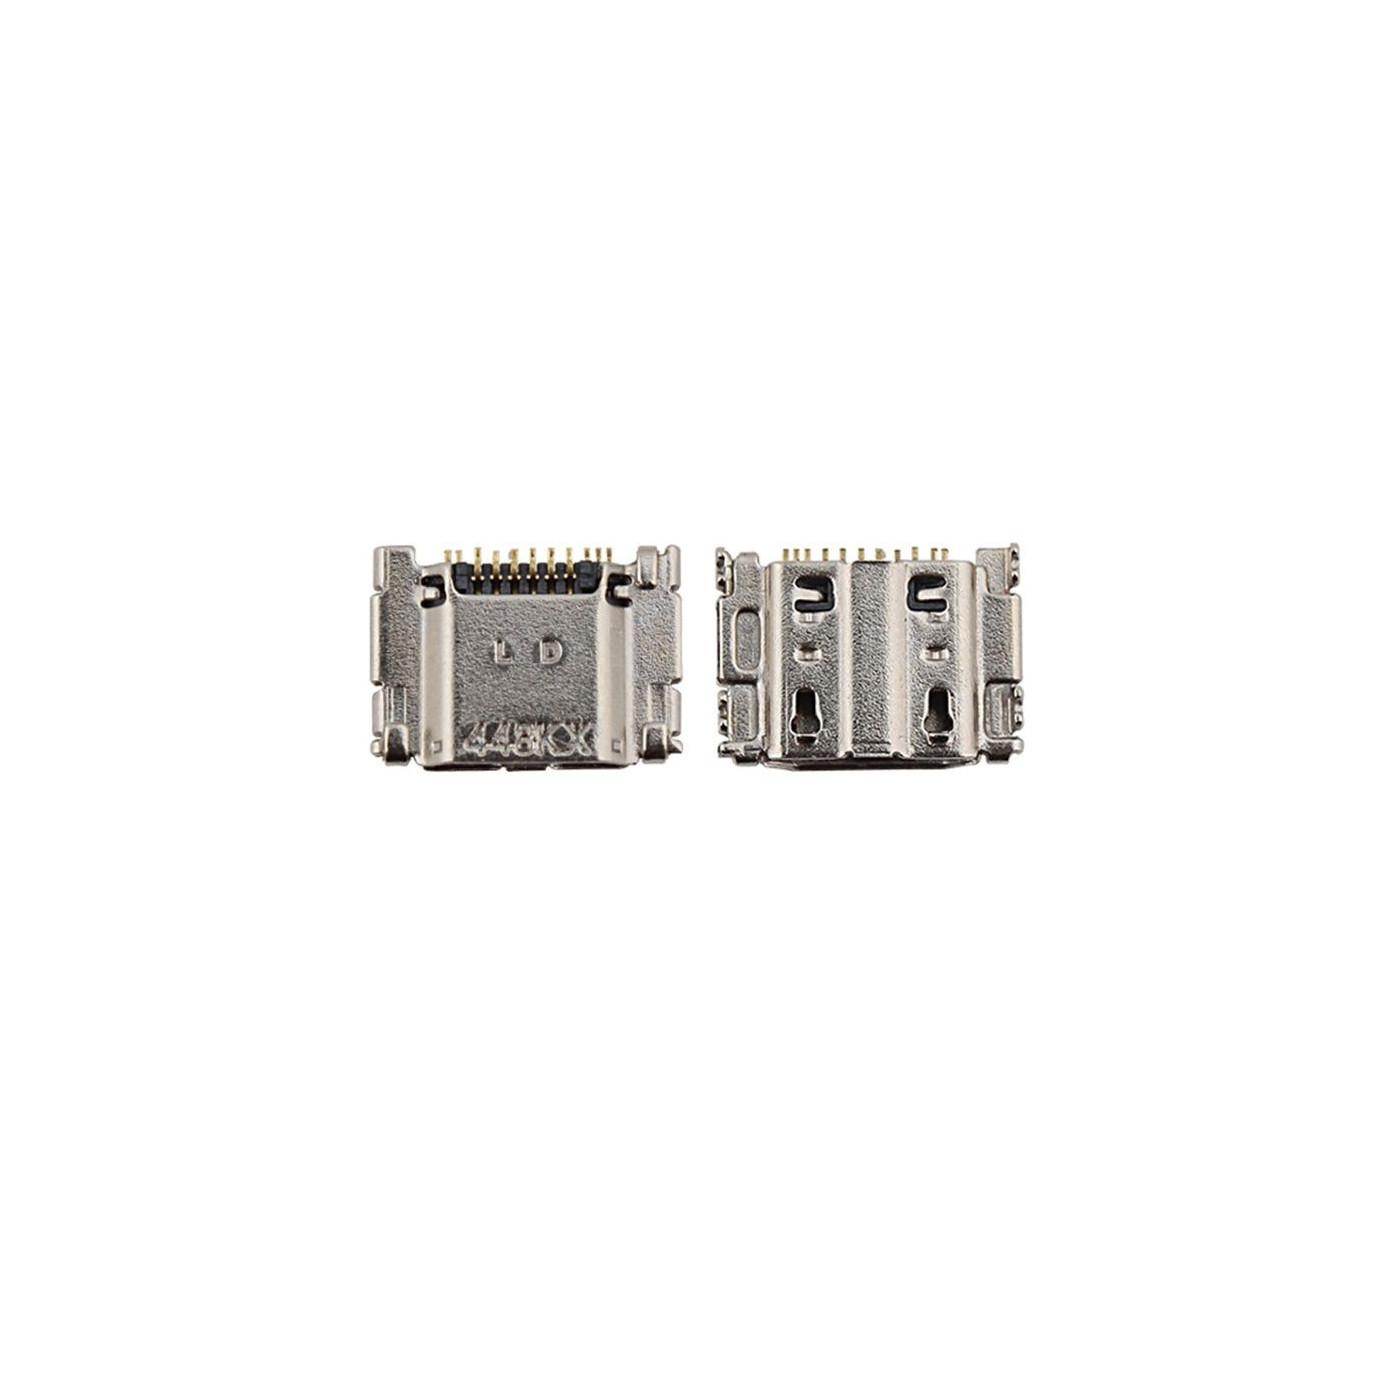 Connecteur de charge micro USB pour Galaxy S3 i9300 i9305